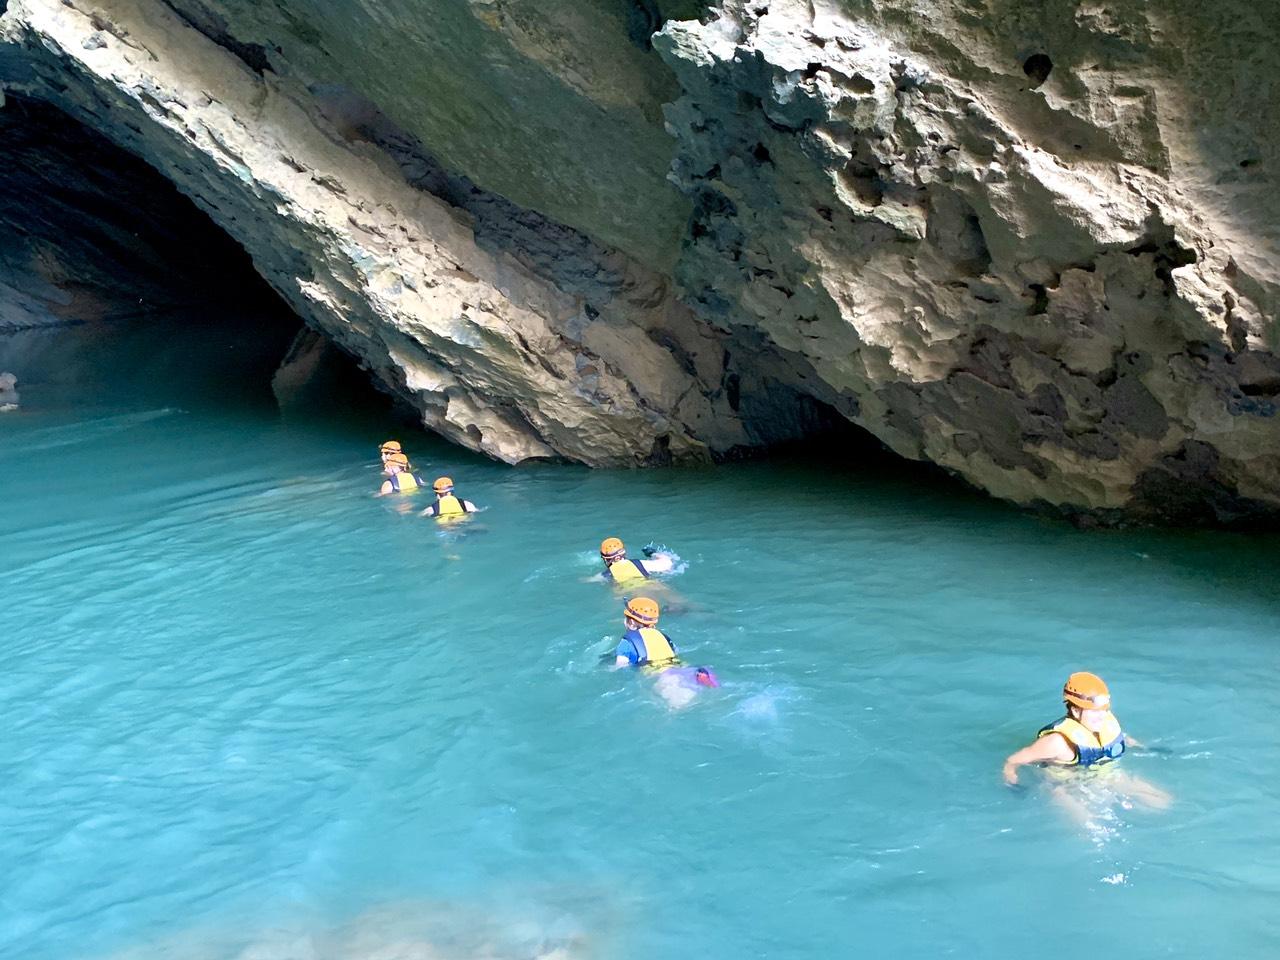 Tuyến du lịch khám phá thung lũng Ha Ma Đa - hang Trạ Ang: Điều chỉnh độ tuổi khách du lịch tham gia trải nghiệm